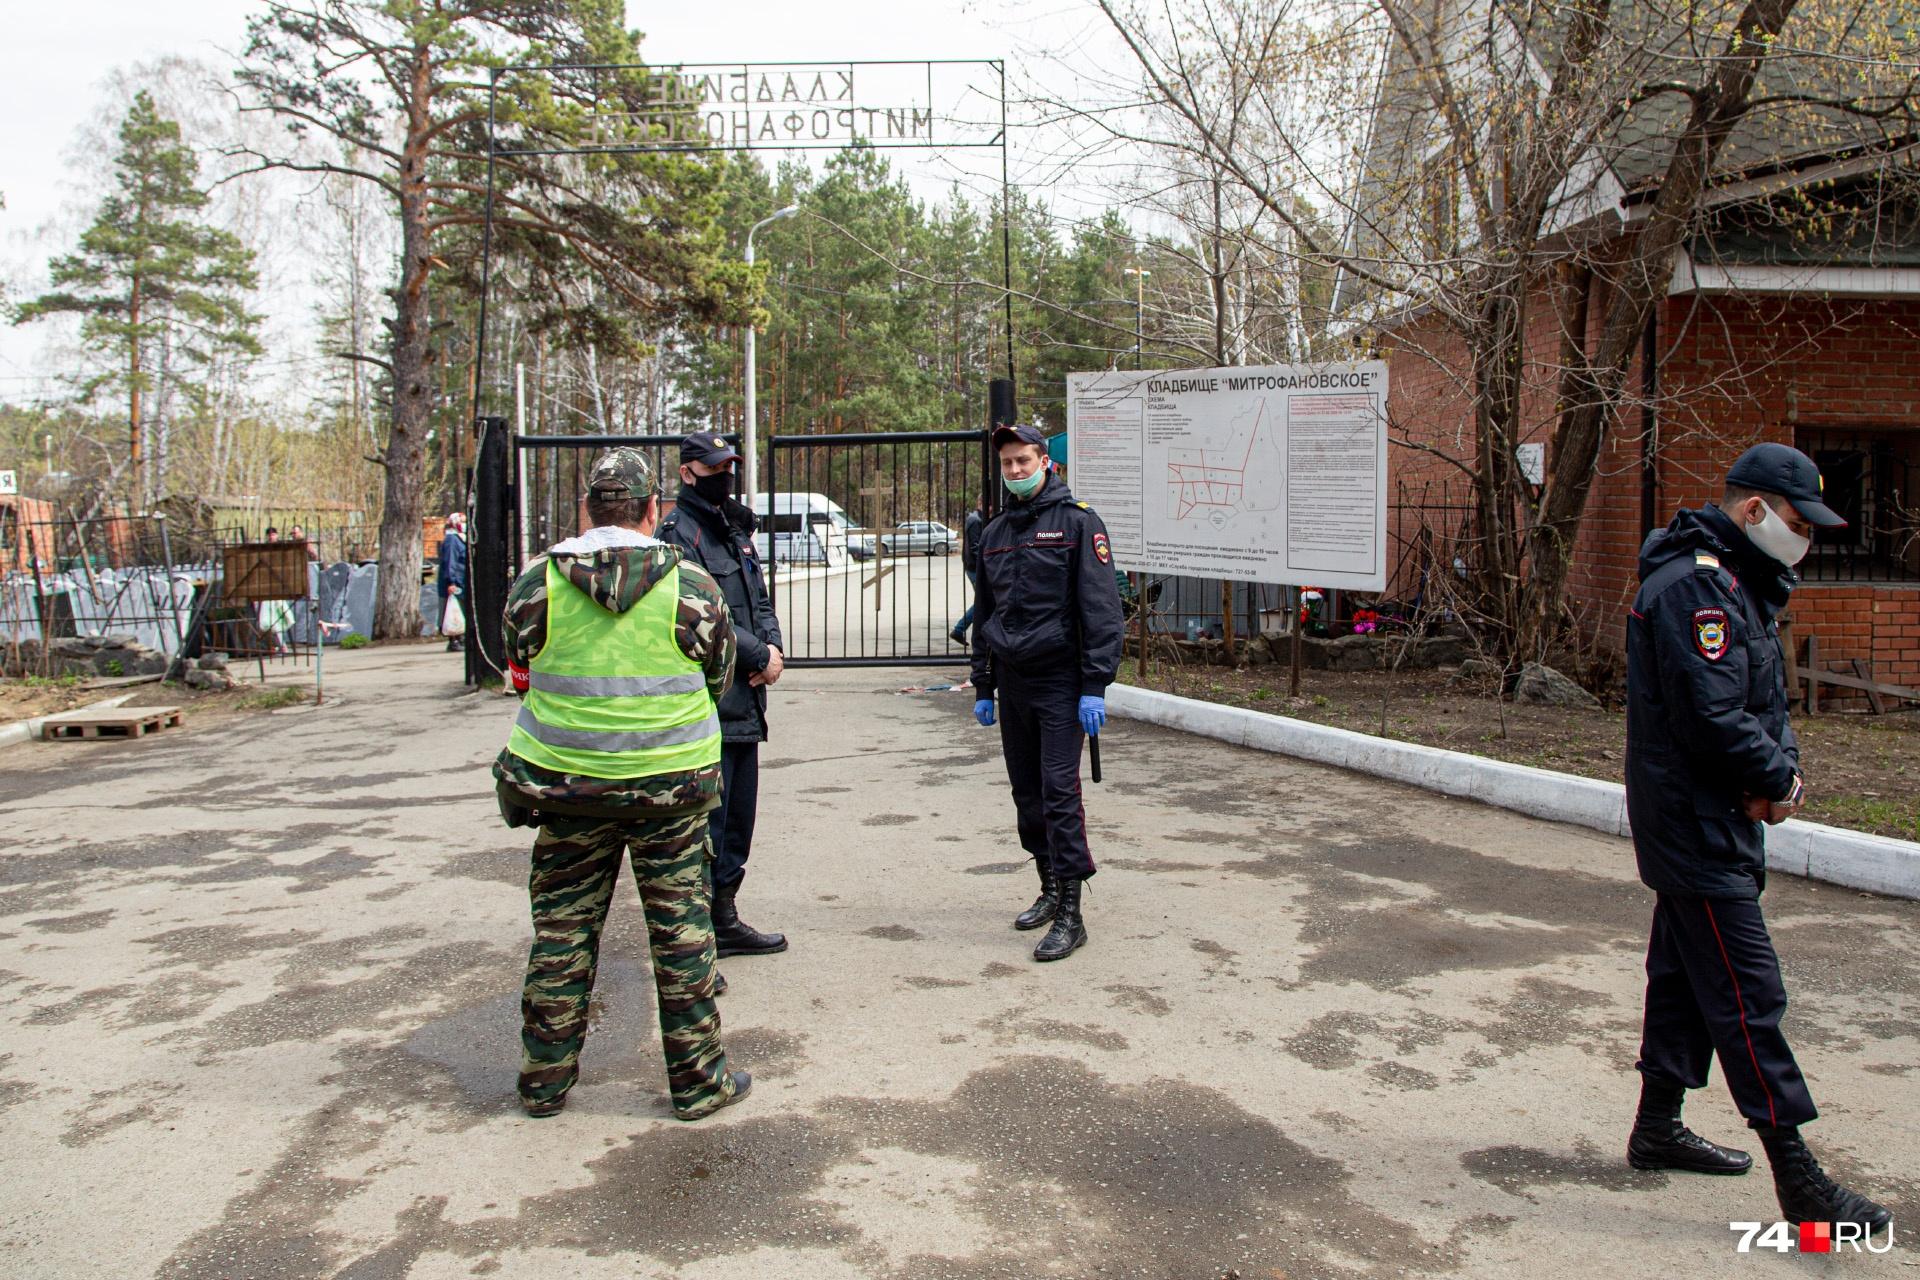 На Митрофановском кладбище тоже можно встретить полицию